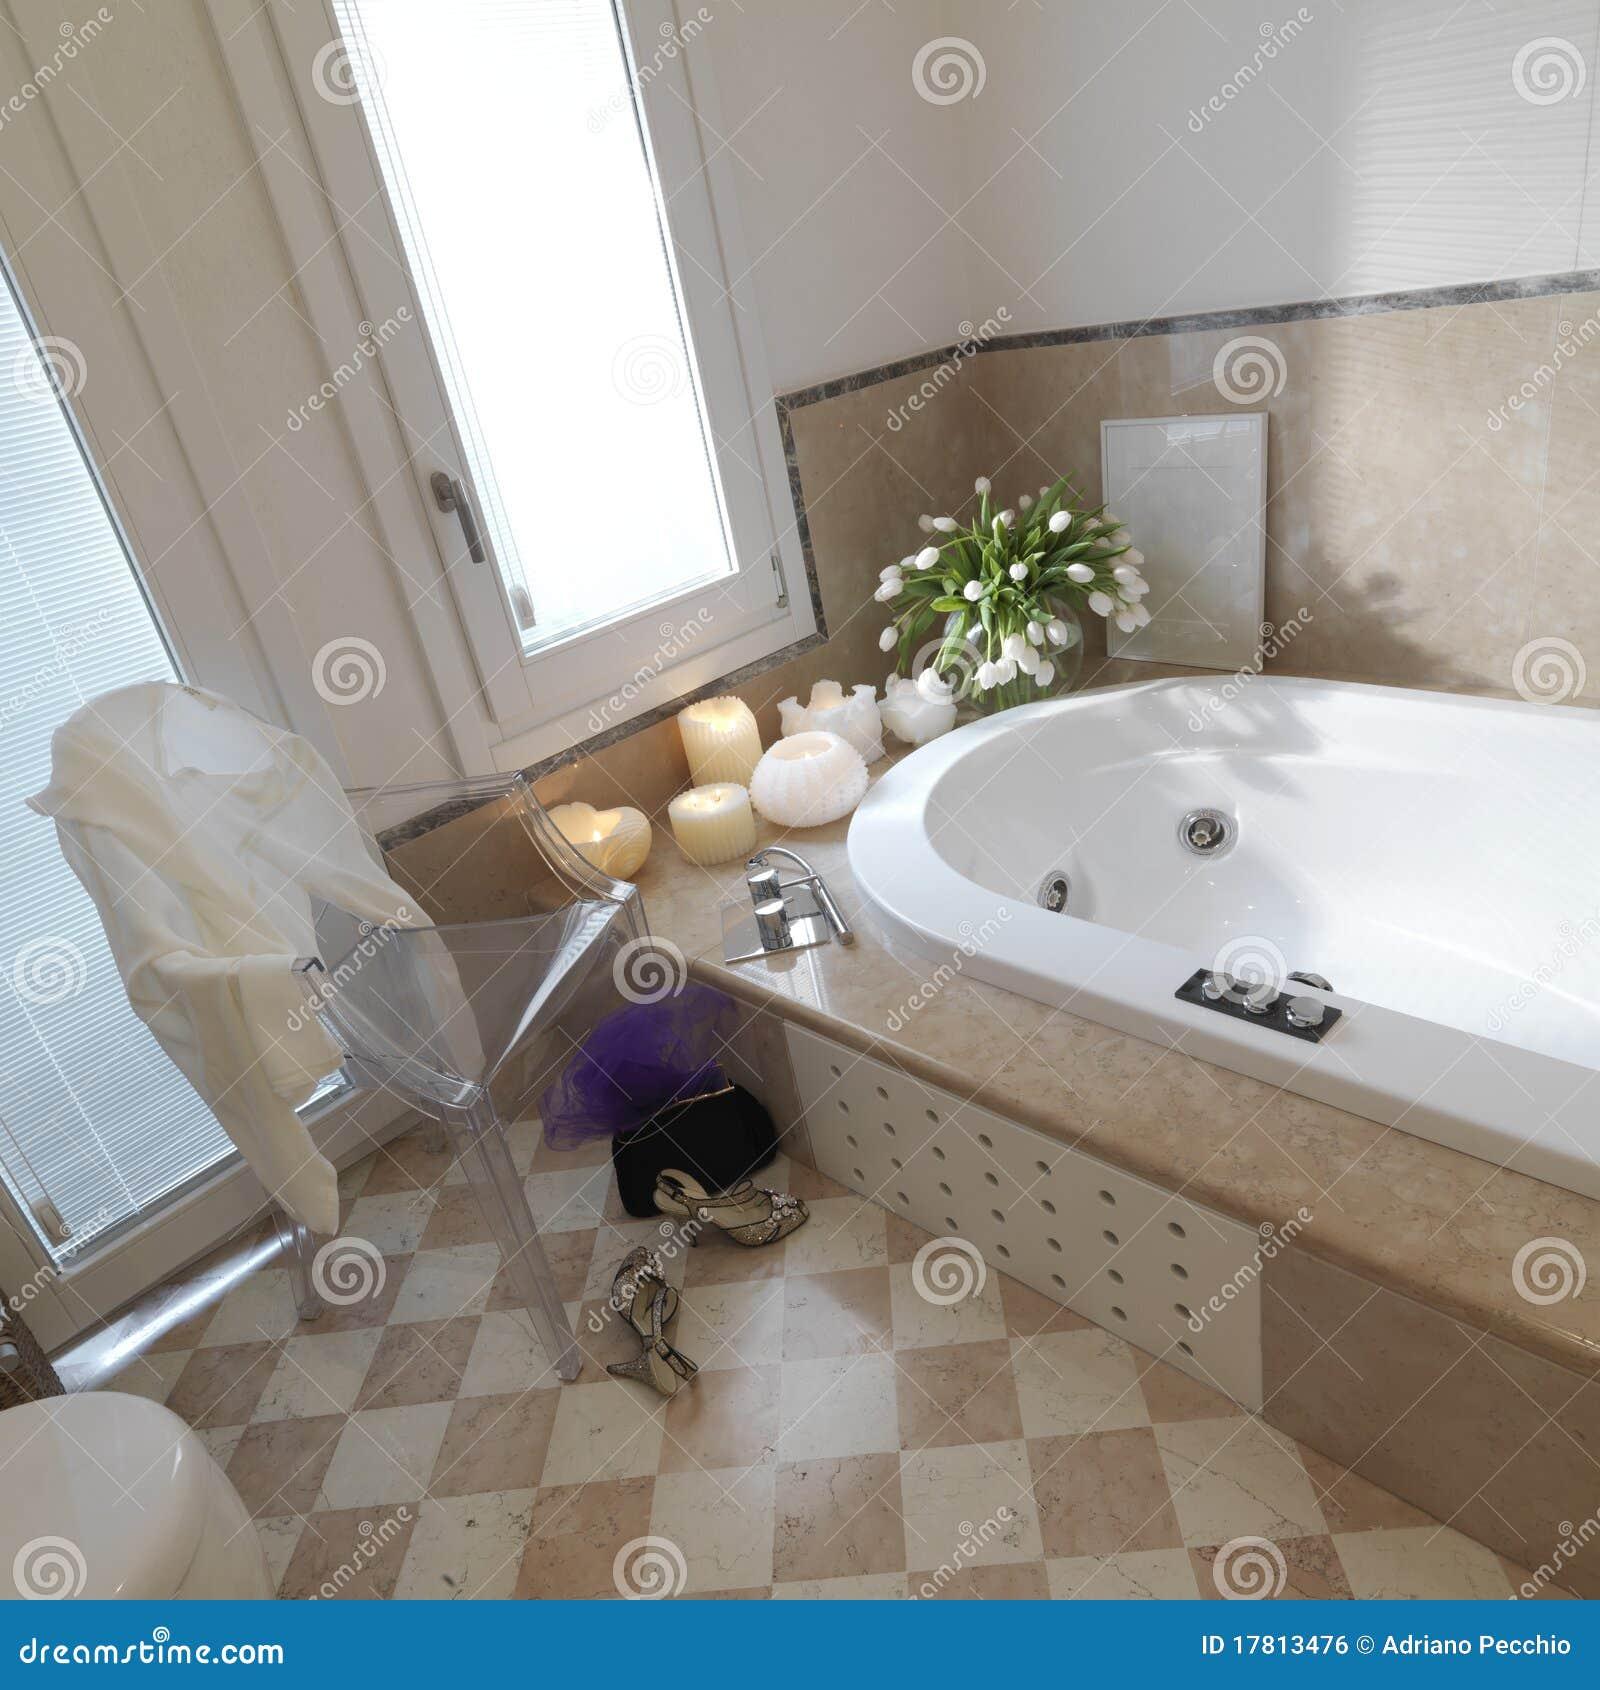 klassisches badezimmer mit stuhl und schuh lizenzfreies stockbild, Badezimmer